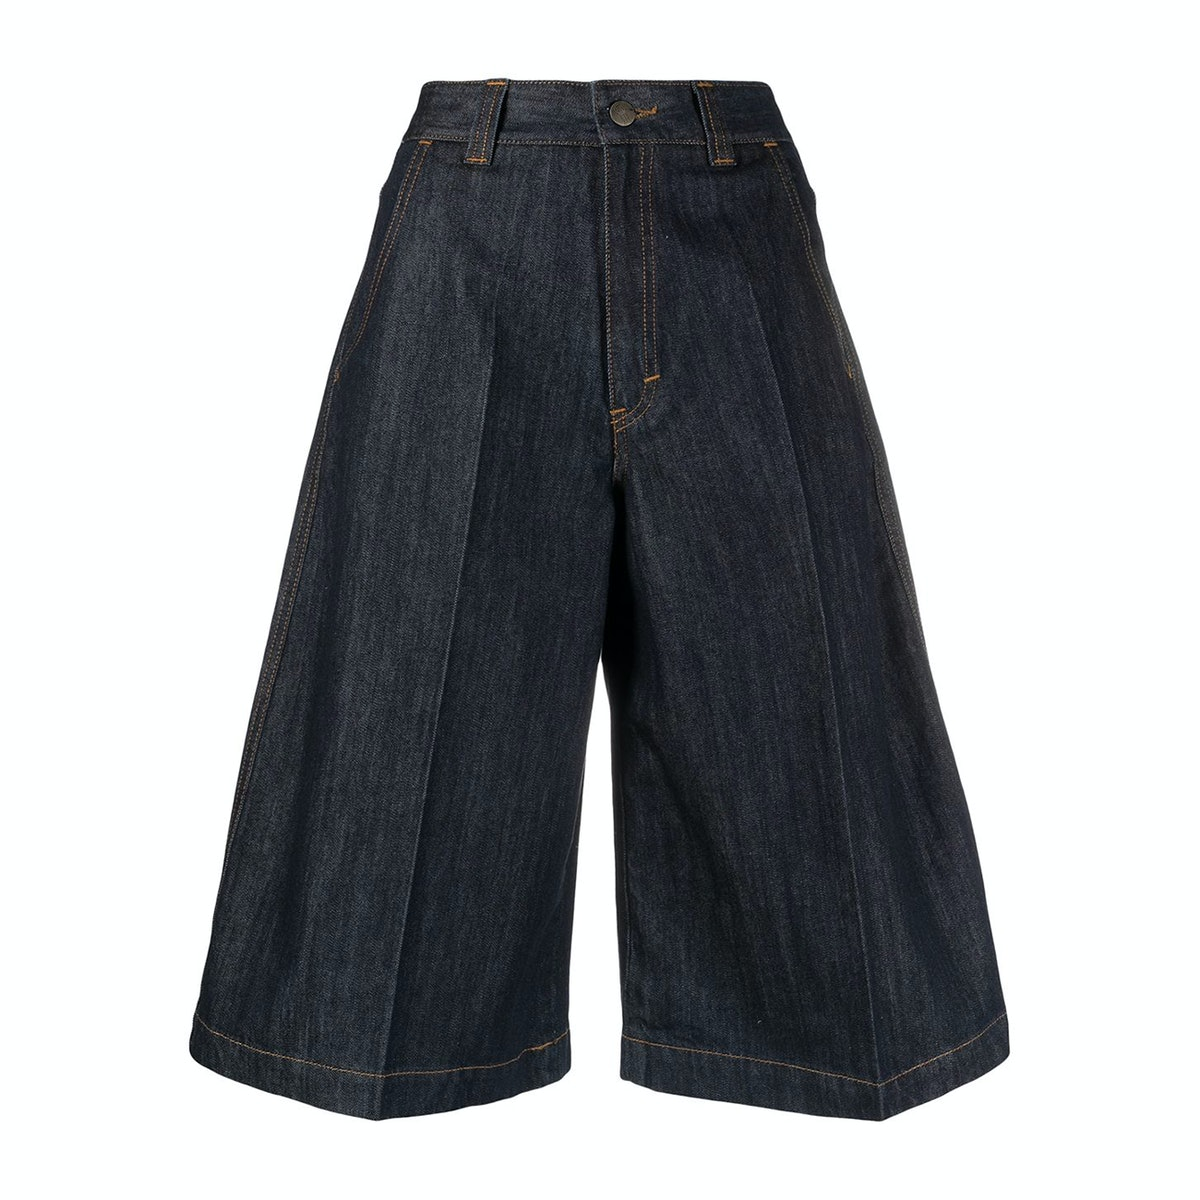 Société Anonyme  High-Waisted Denim shorts